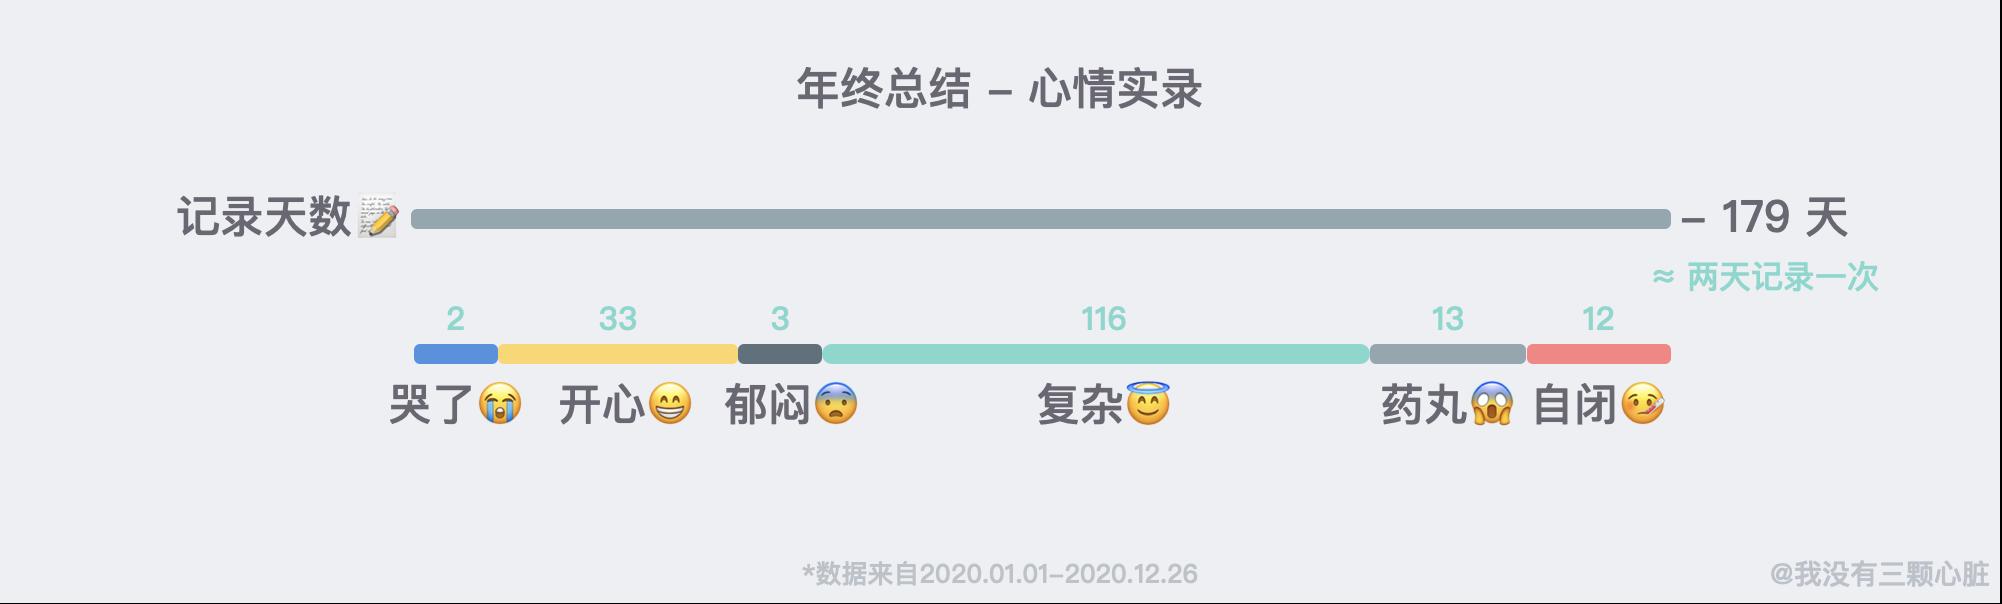 晨间日记心情统计 - 数据取自 Notion